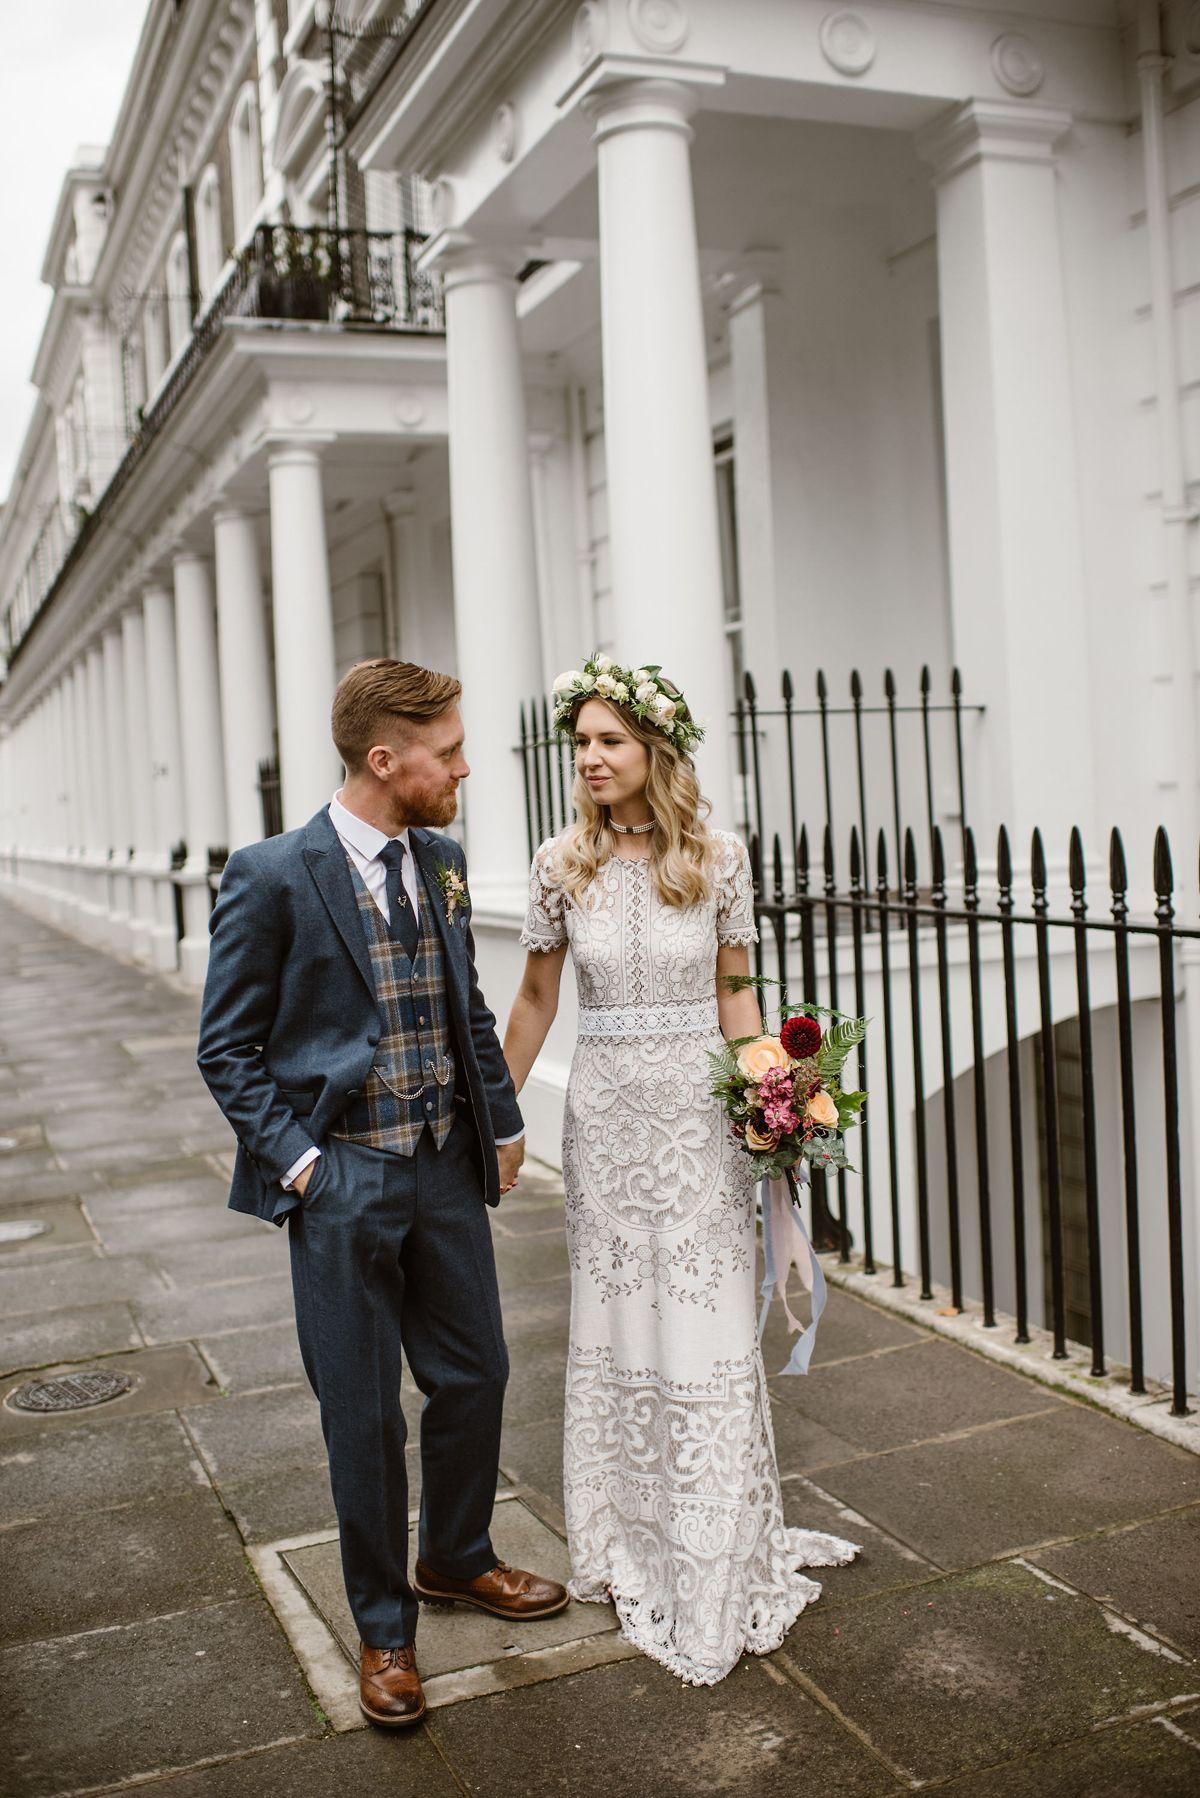 rock n roll wedding dress off 20   medpharmres.com